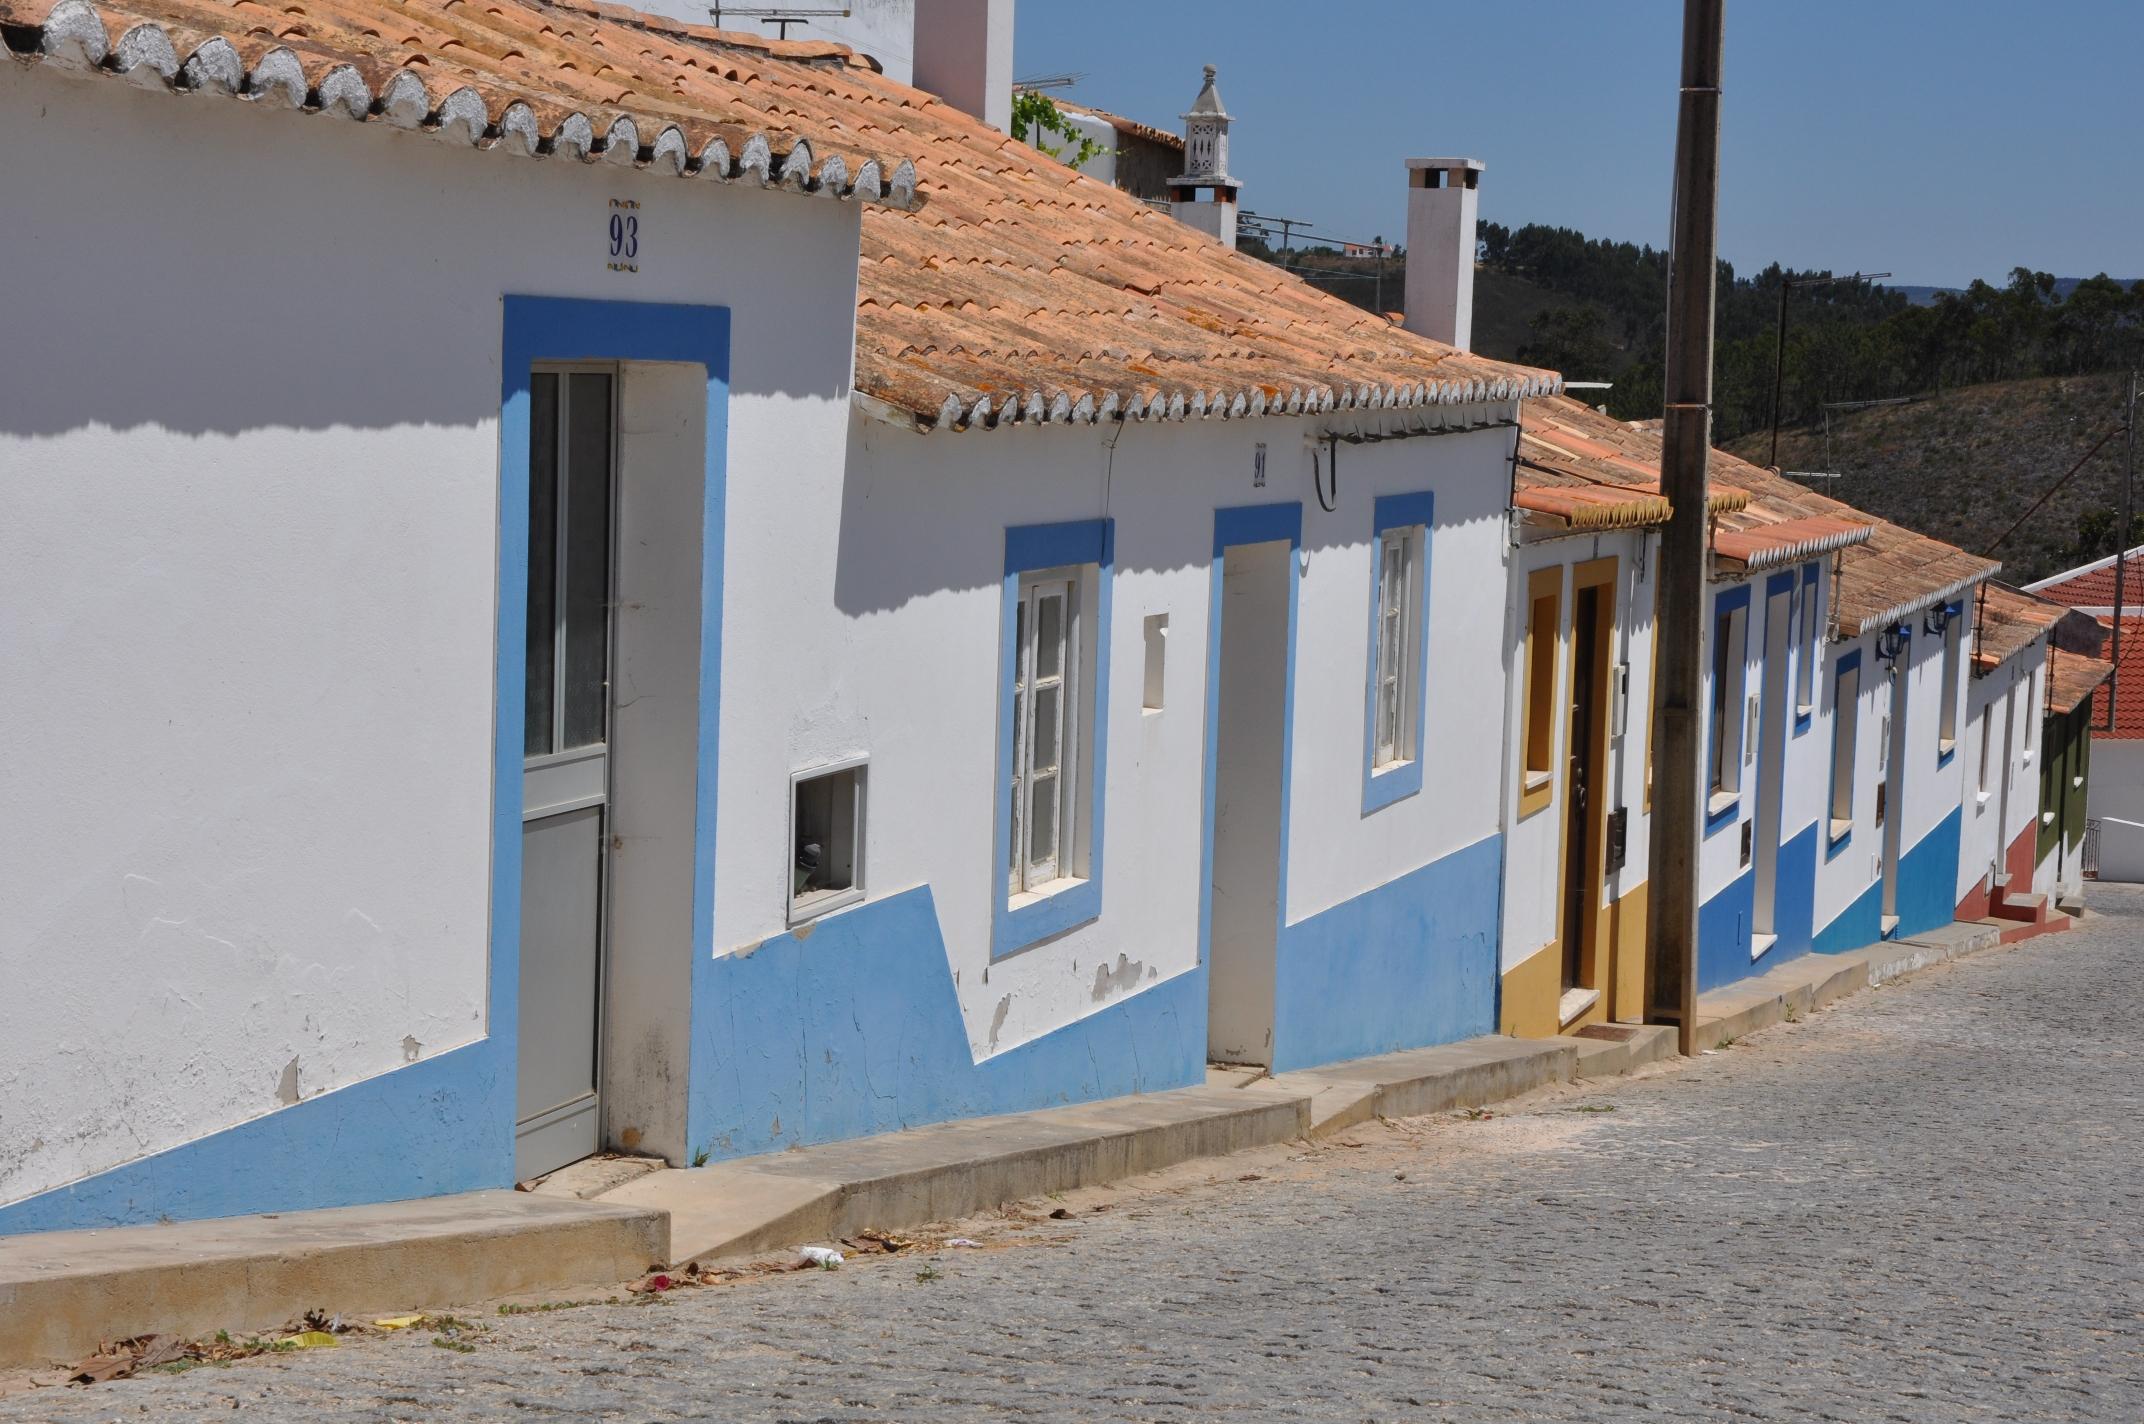 Vila de Odeceixe